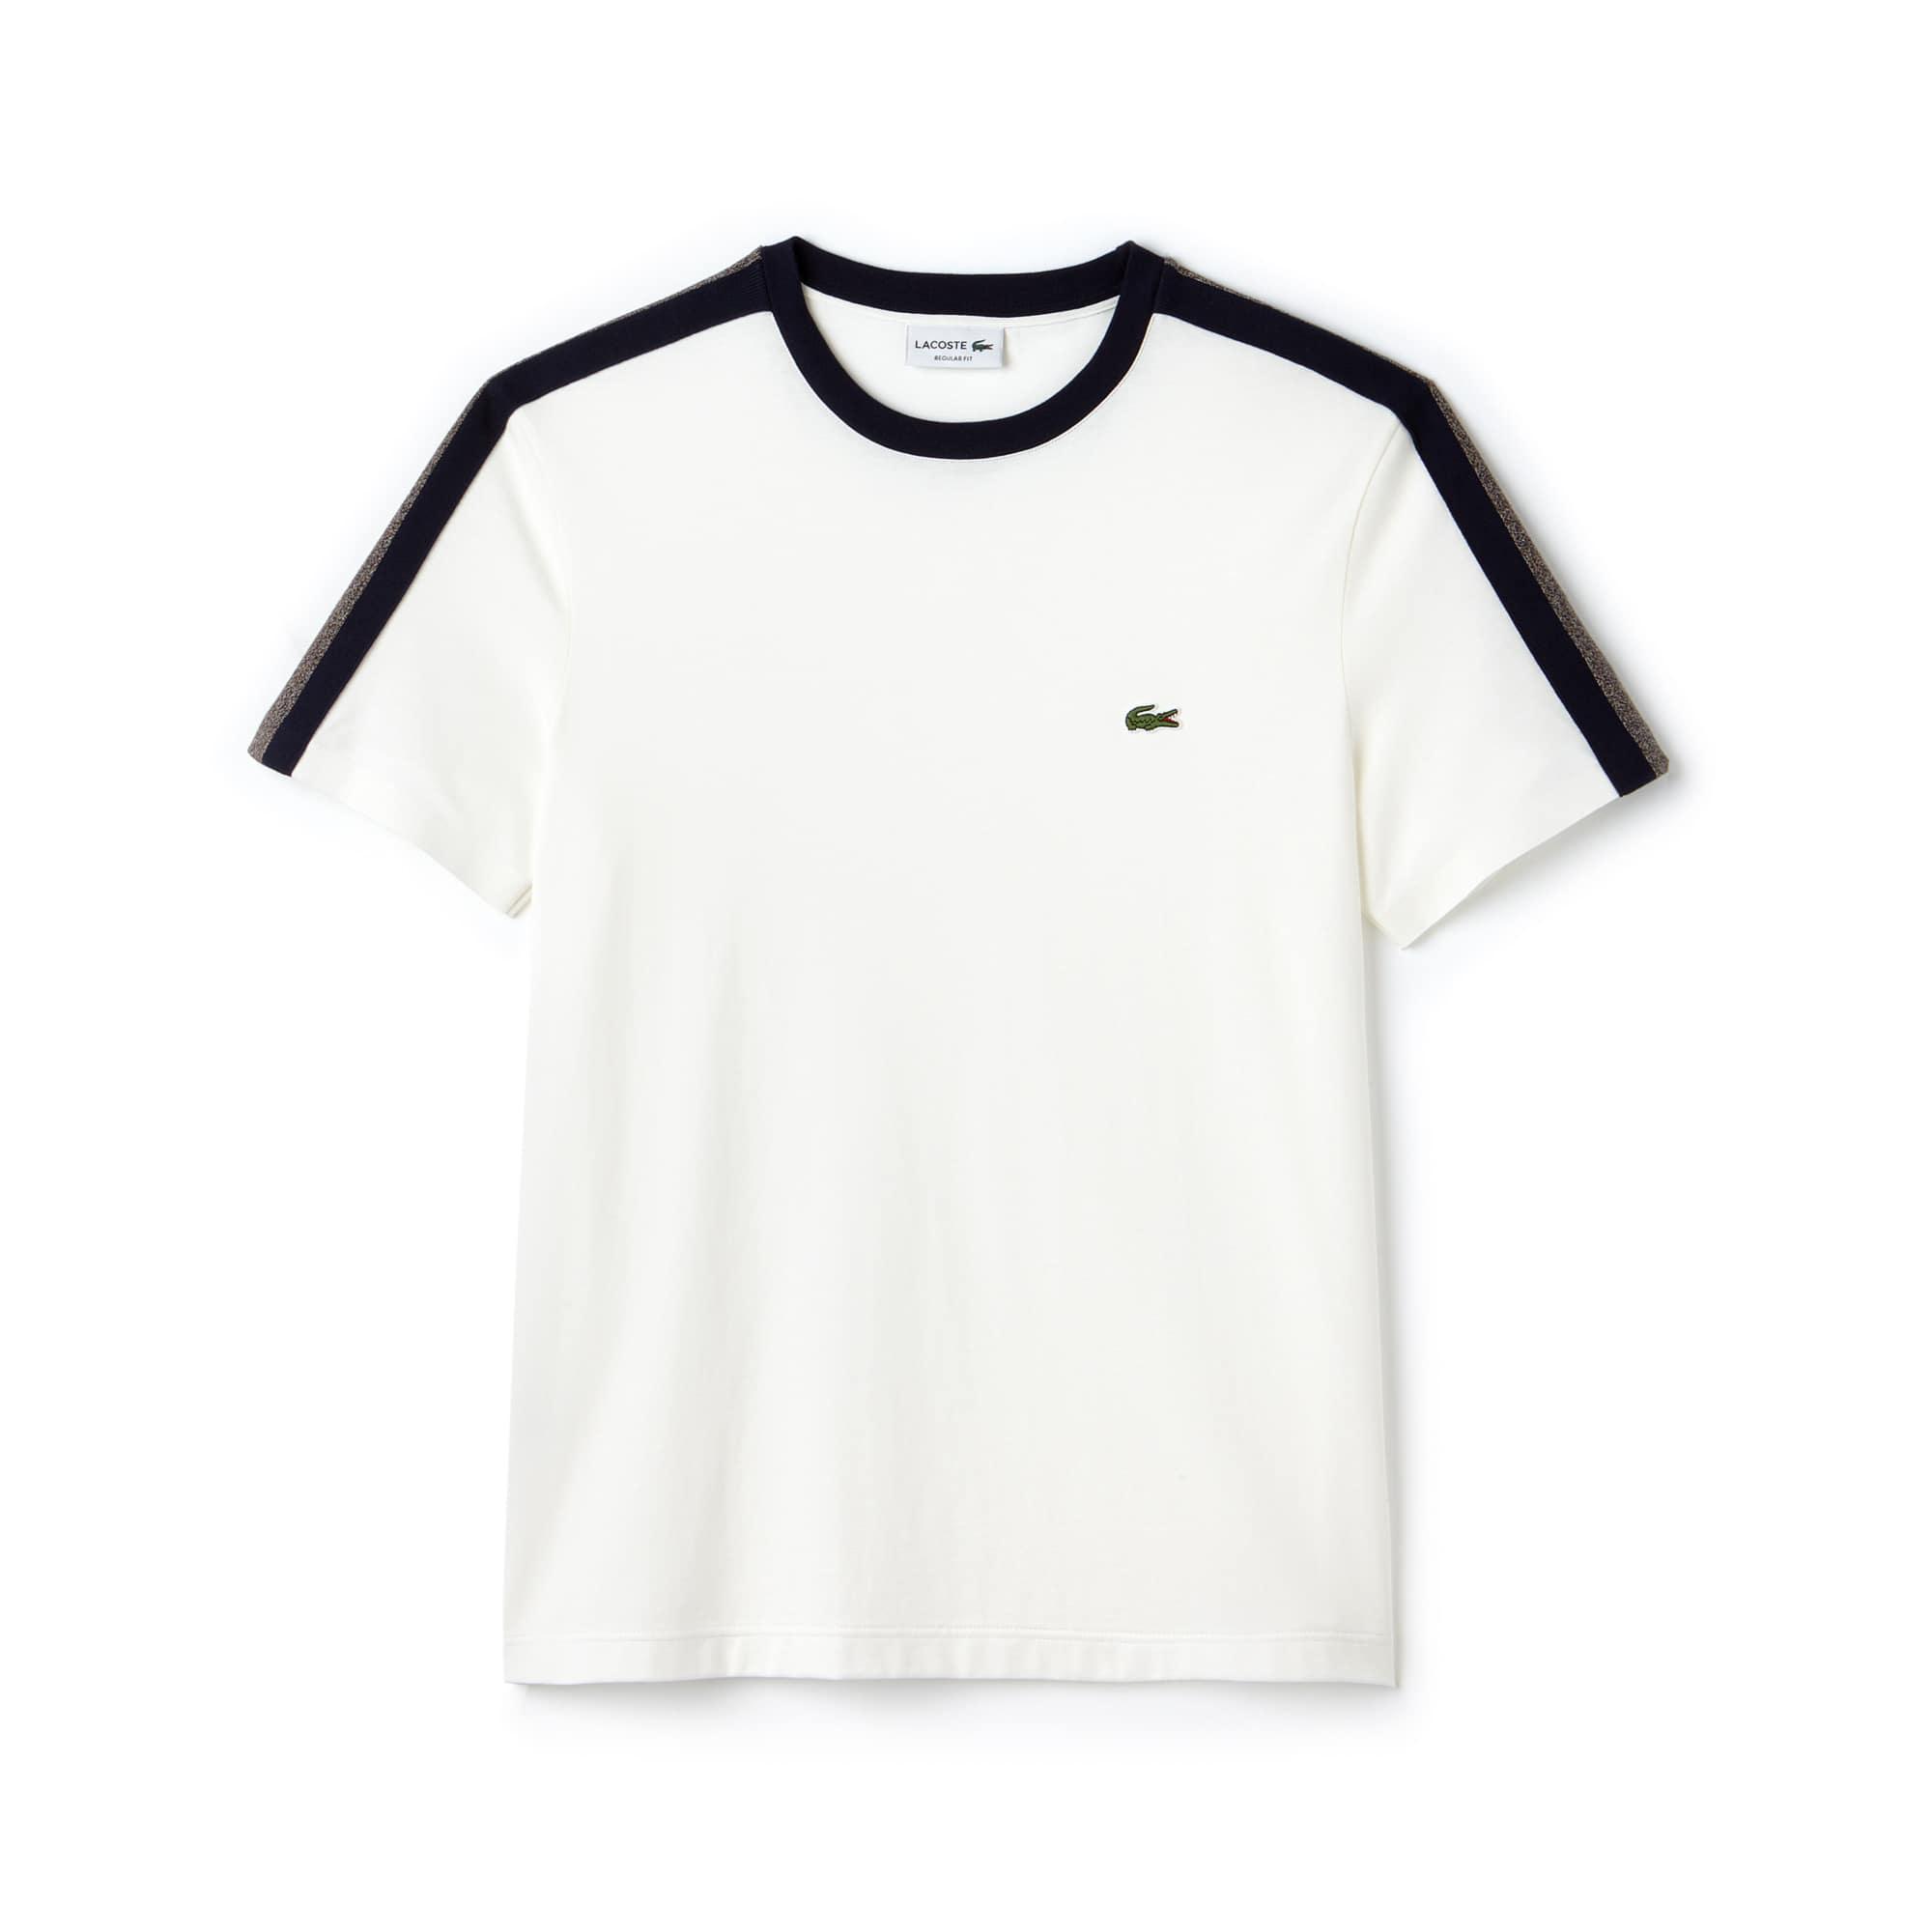 Lacoste - Herren T-Shirt mit Kontrast-Streifen - 3